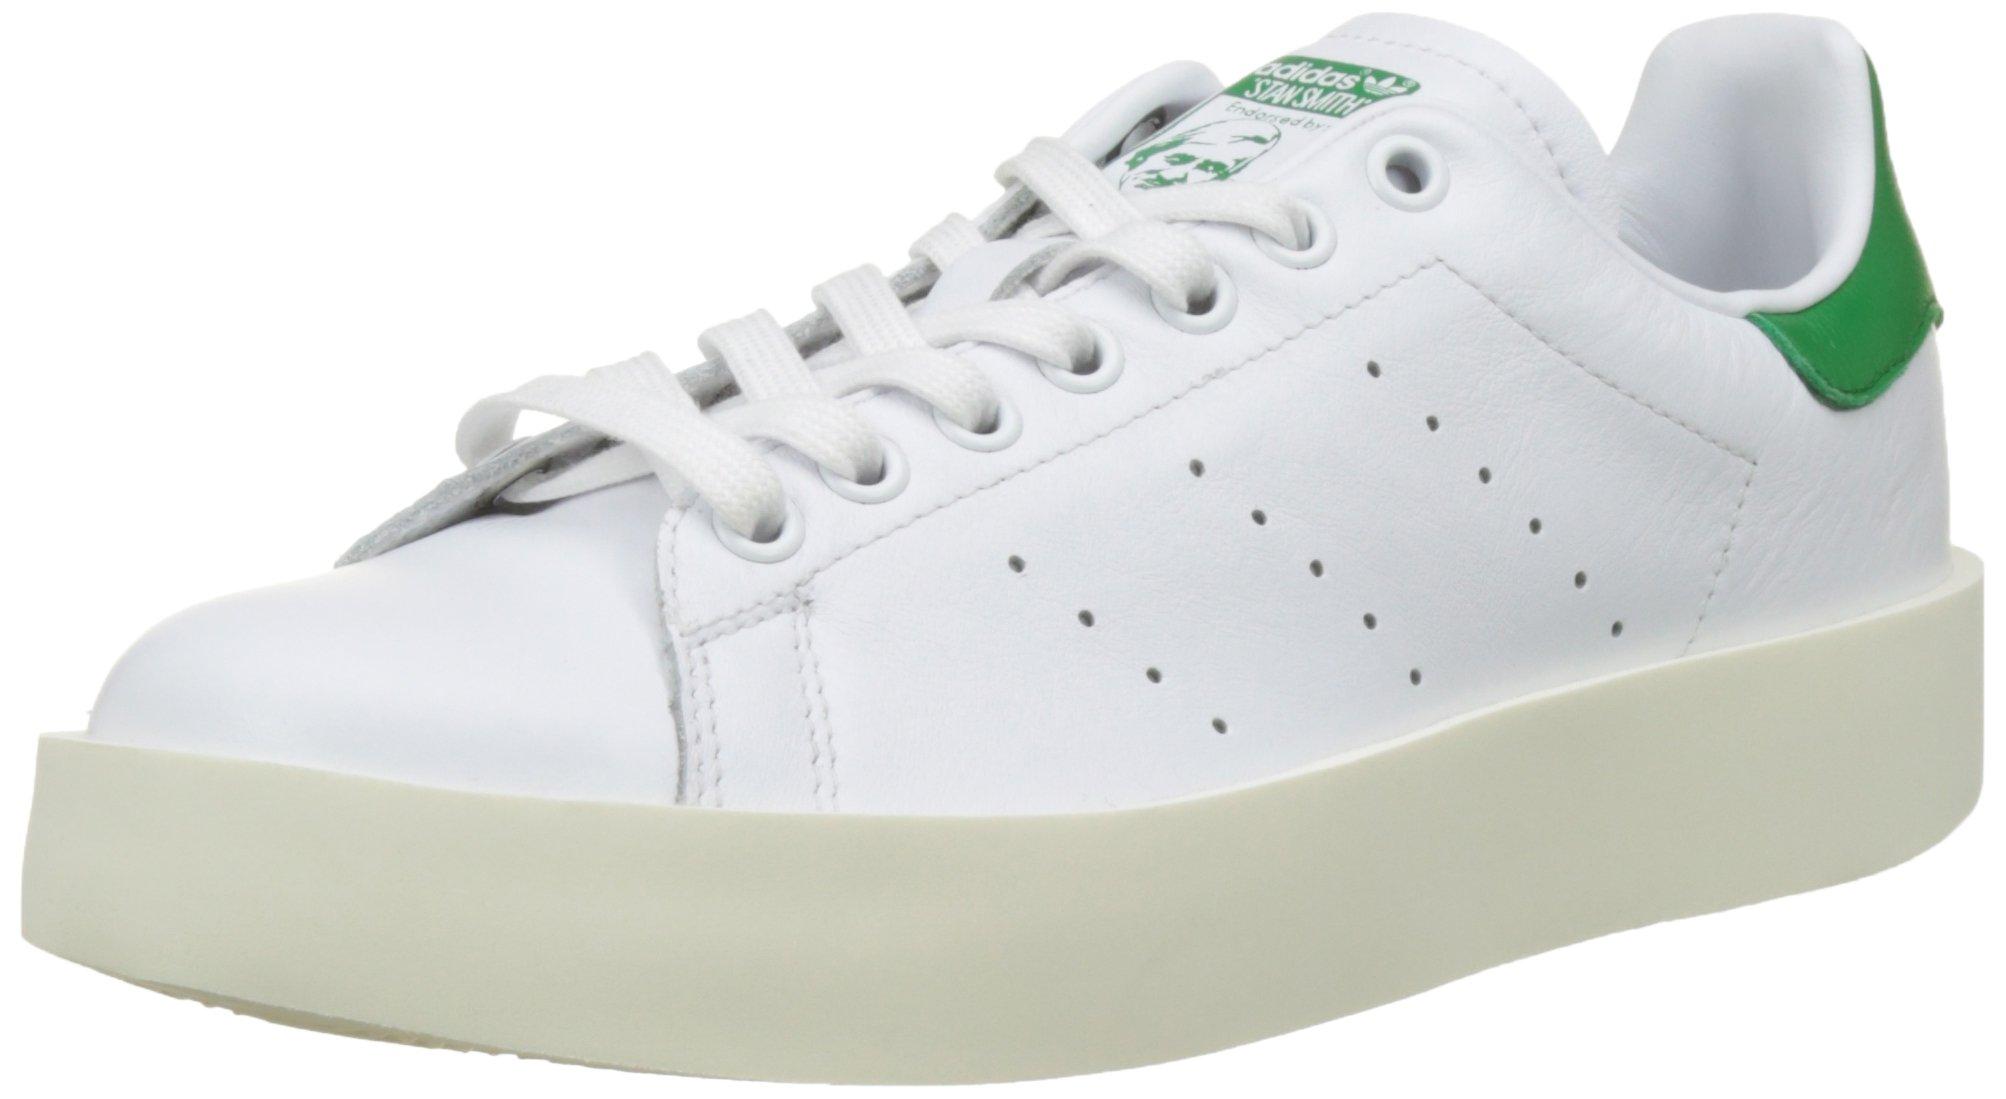 Stan Footwear Eu Smith green39 Adidas 3 1 White BoldBaskets FemmeBlanc srdothQCxB